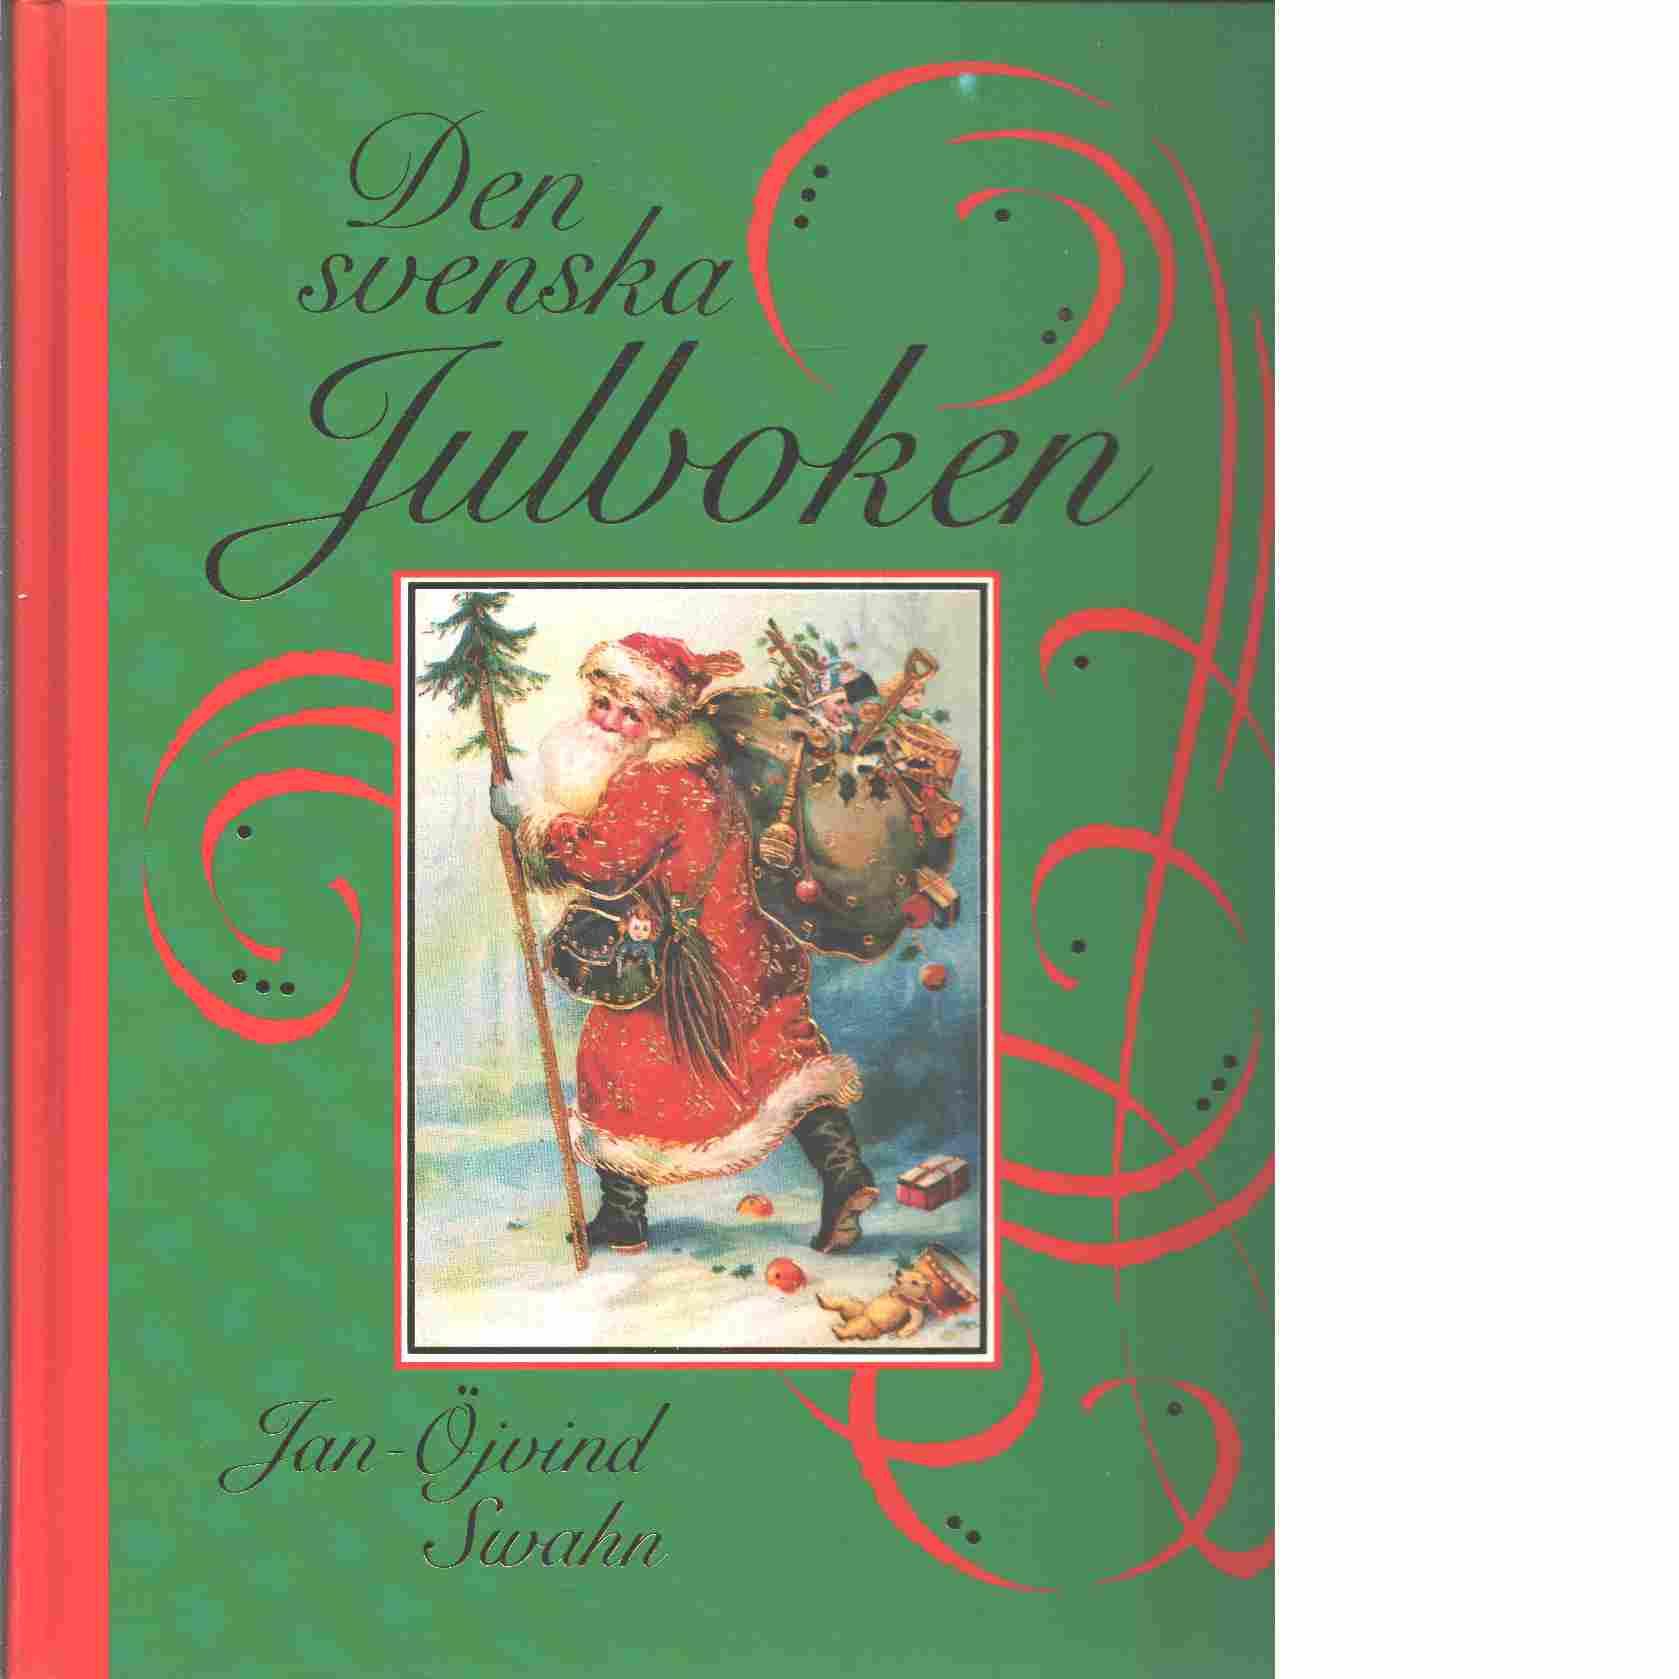 Den svenska julboken - Swahn, Jan-Öjvind